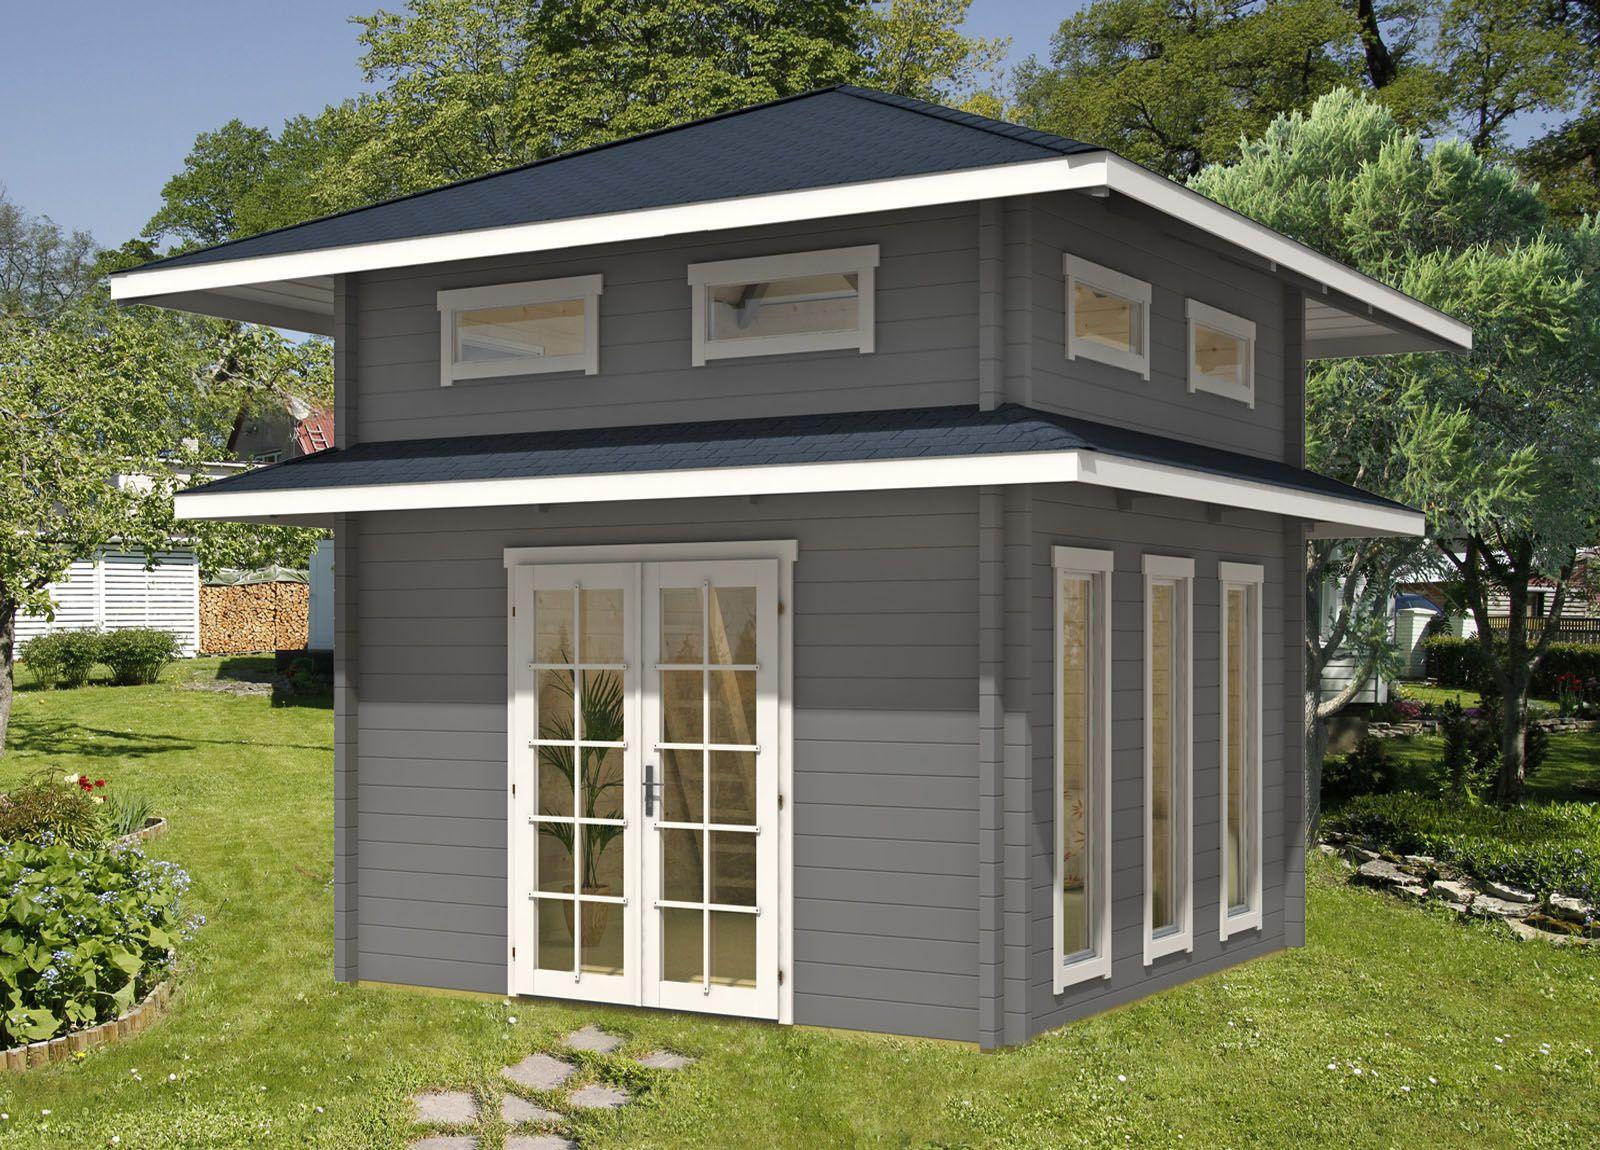 Gartenhaus Nebraska Schlafboden Design Fur Zuhause Modernes Kleines Haus